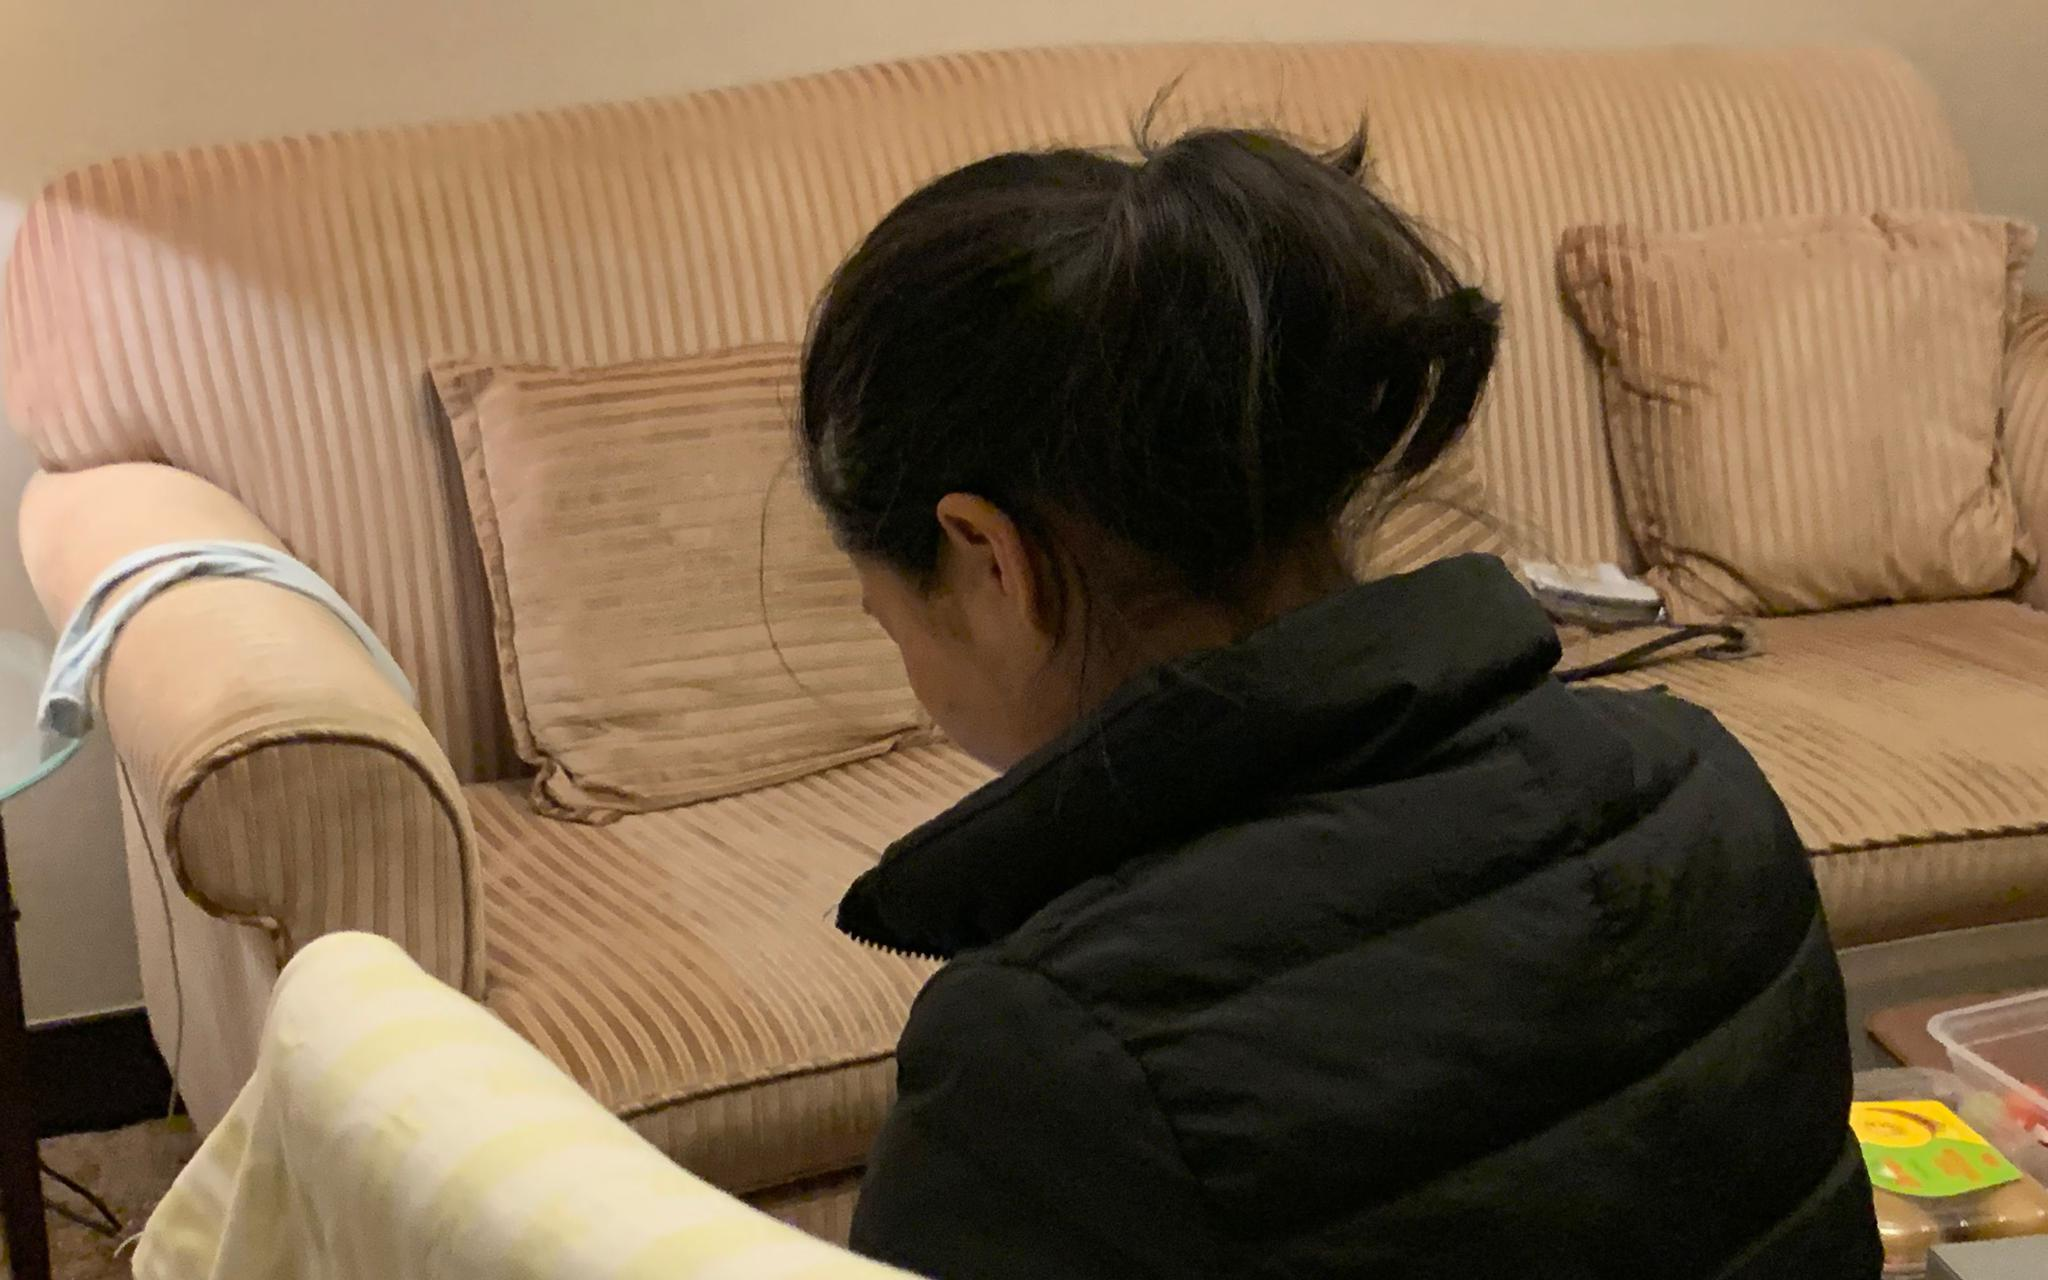 余瑜向新京报记者讲述事发前后。 新京报记者 蒋鹏峰 摄